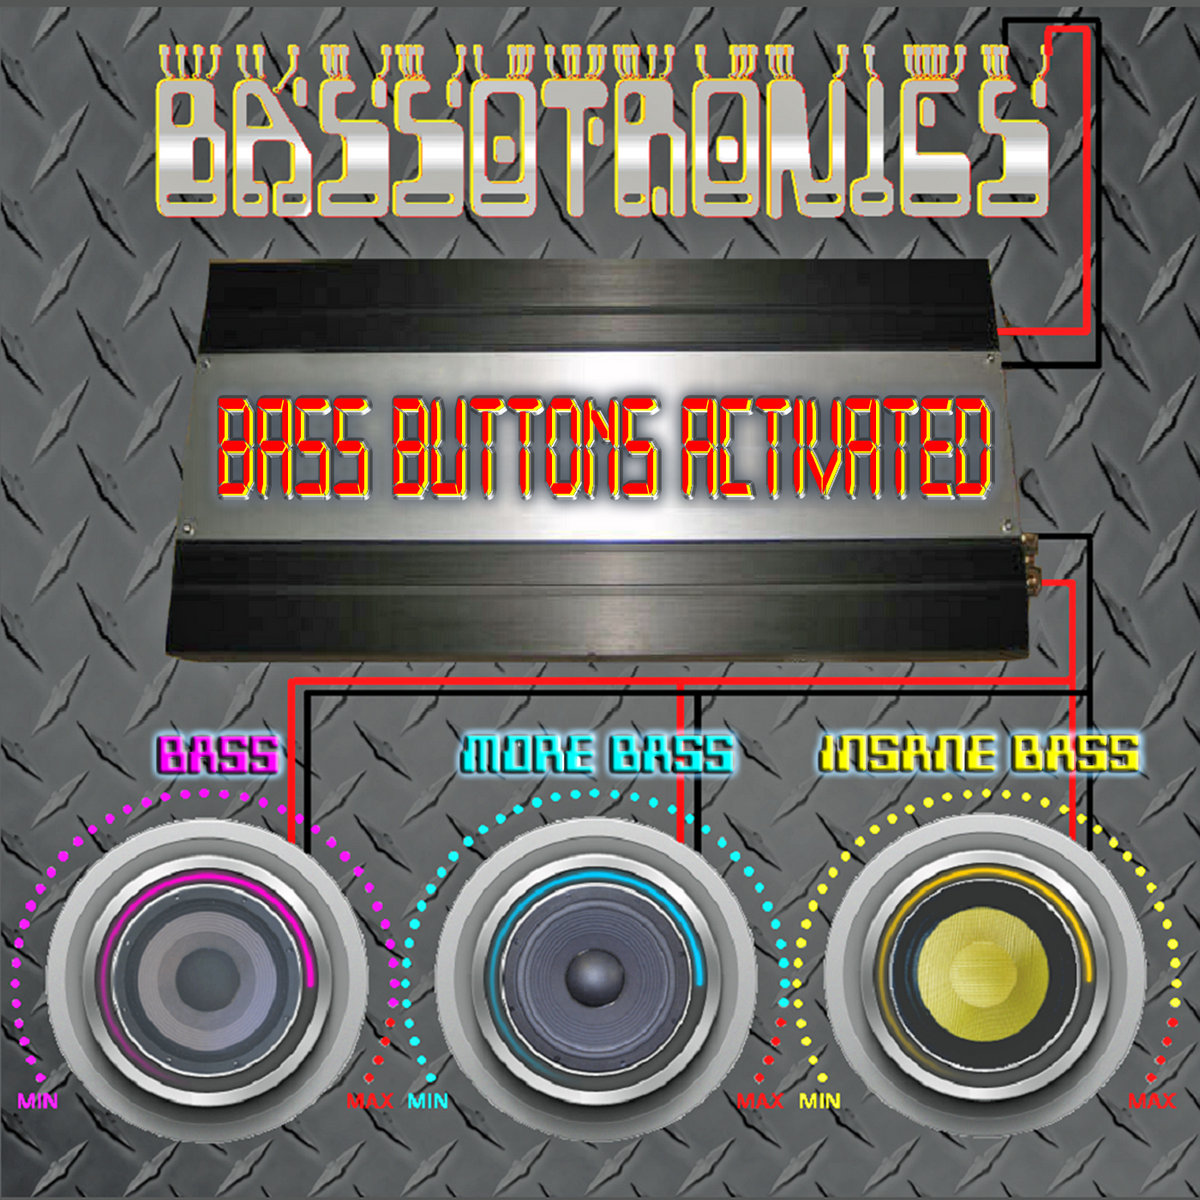 Bassotronics скачать торрент bassotronics bass, i love you.